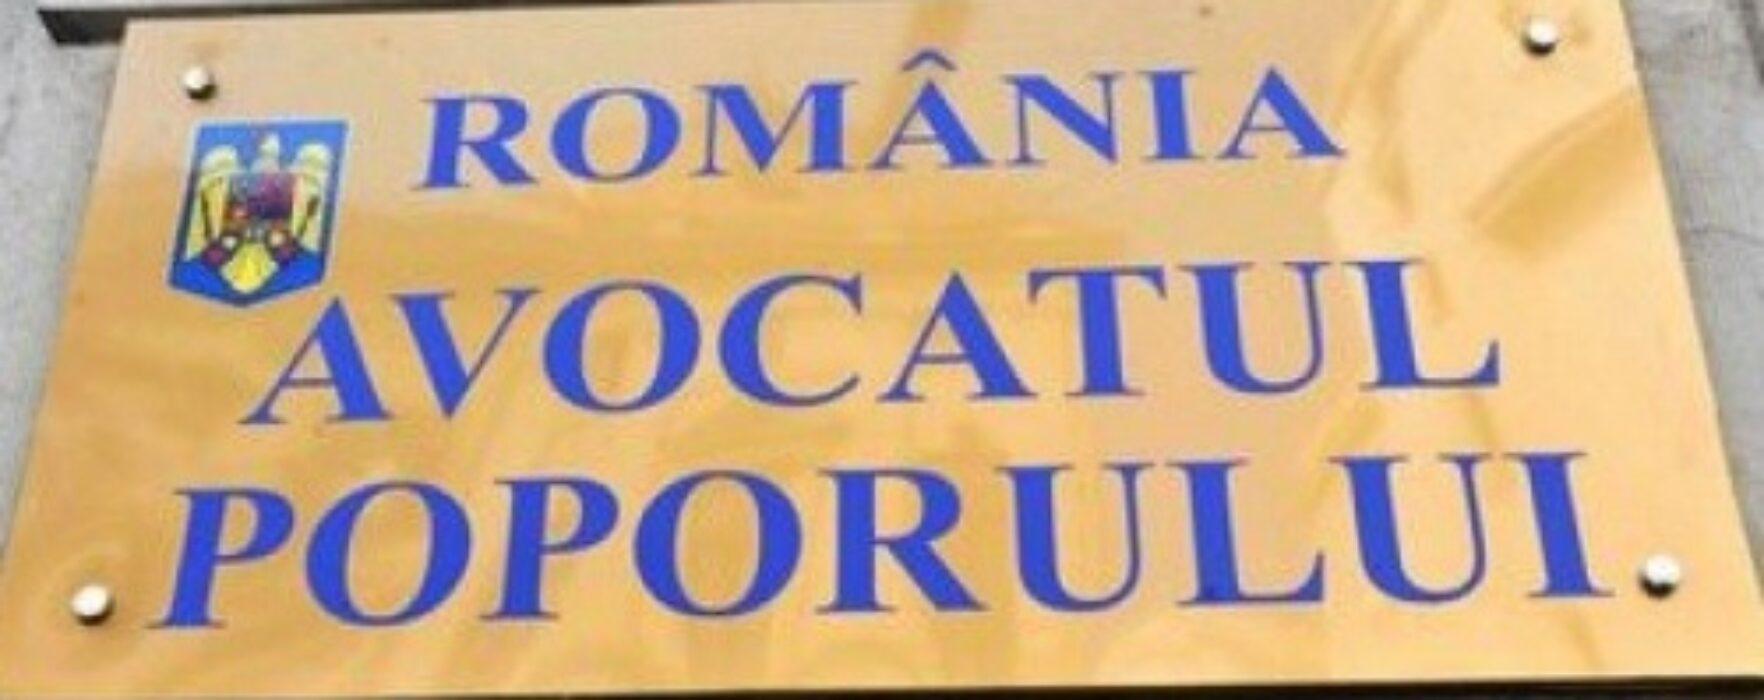 Avocatul Poporului acordă audienţe, luni, la Târgovişte